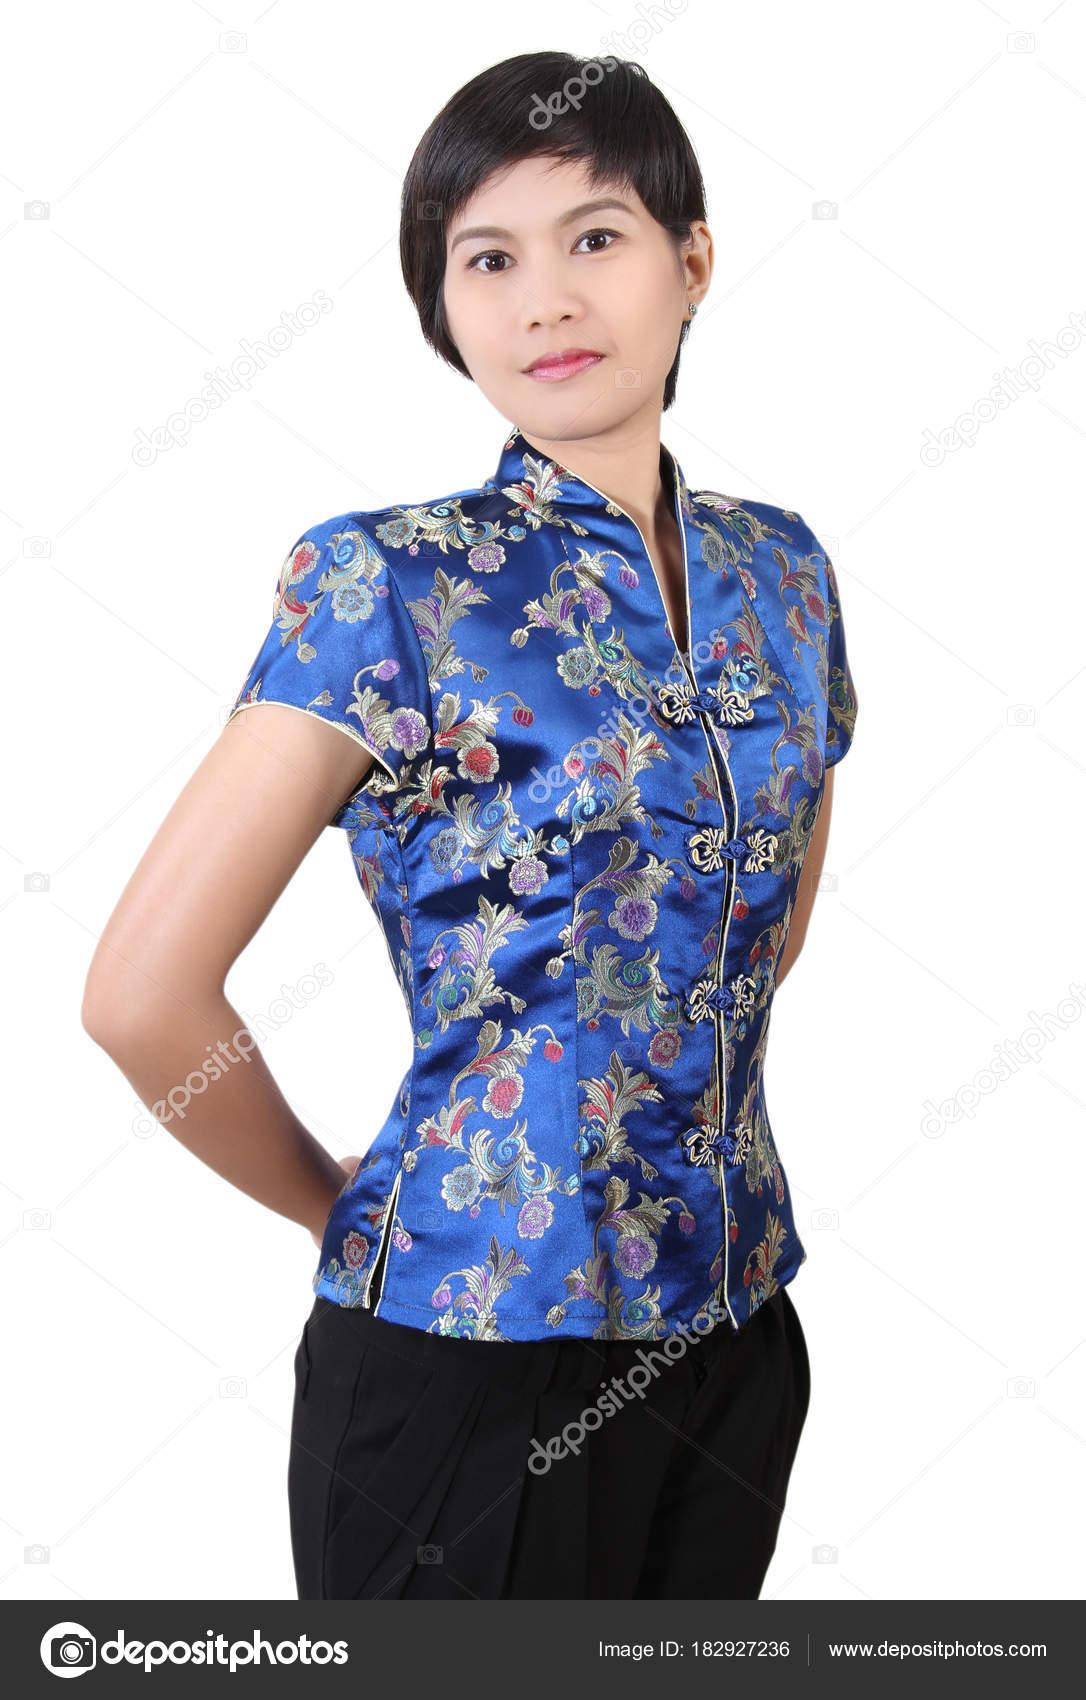 plusieurs couleurs texture nette chaussures de course Femme en vêtements chinois — Photographie pongam © #182927236